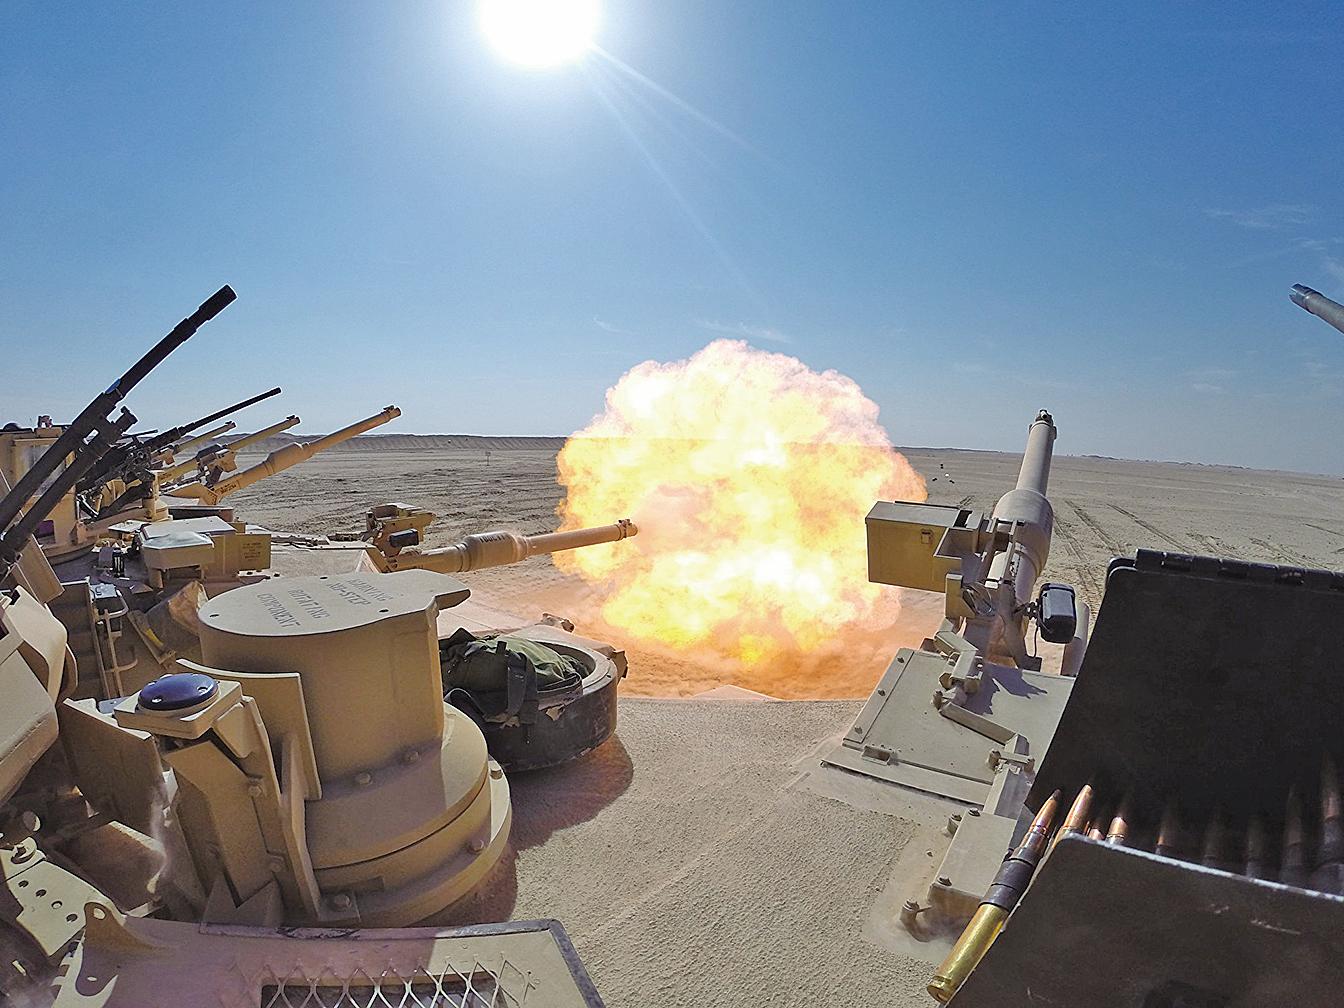 五角大樓國防安全合作局(DSCA)表示,將出售台灣所要求的武器。圖為軍售案內的M1A2T艾布拉姆斯坦克。(The U.S. Army)